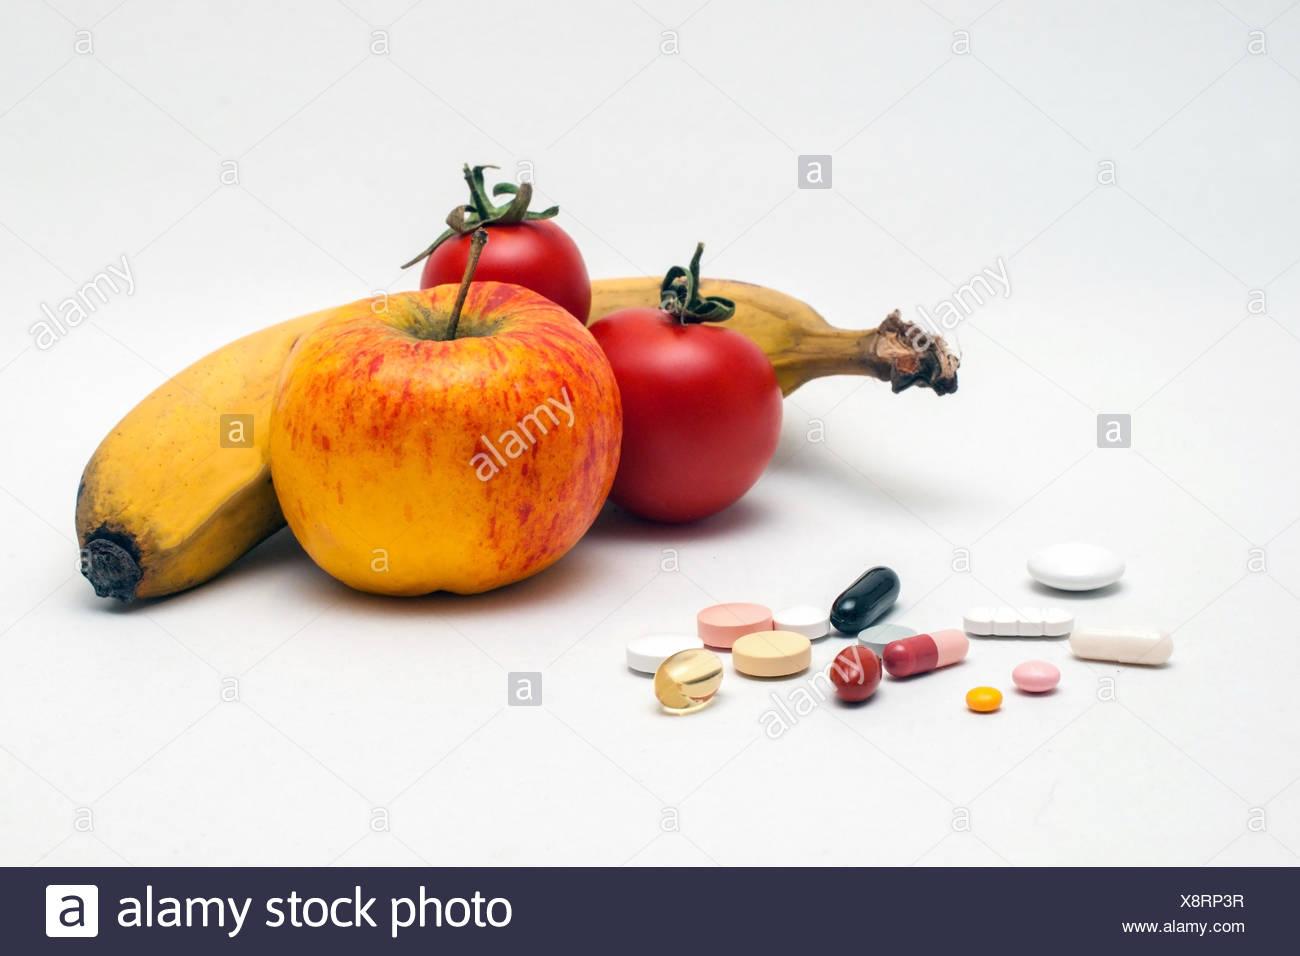 verschiedene bunte Tabletten, Apfel, Banane und Tomaten, isoliert Stock Photo